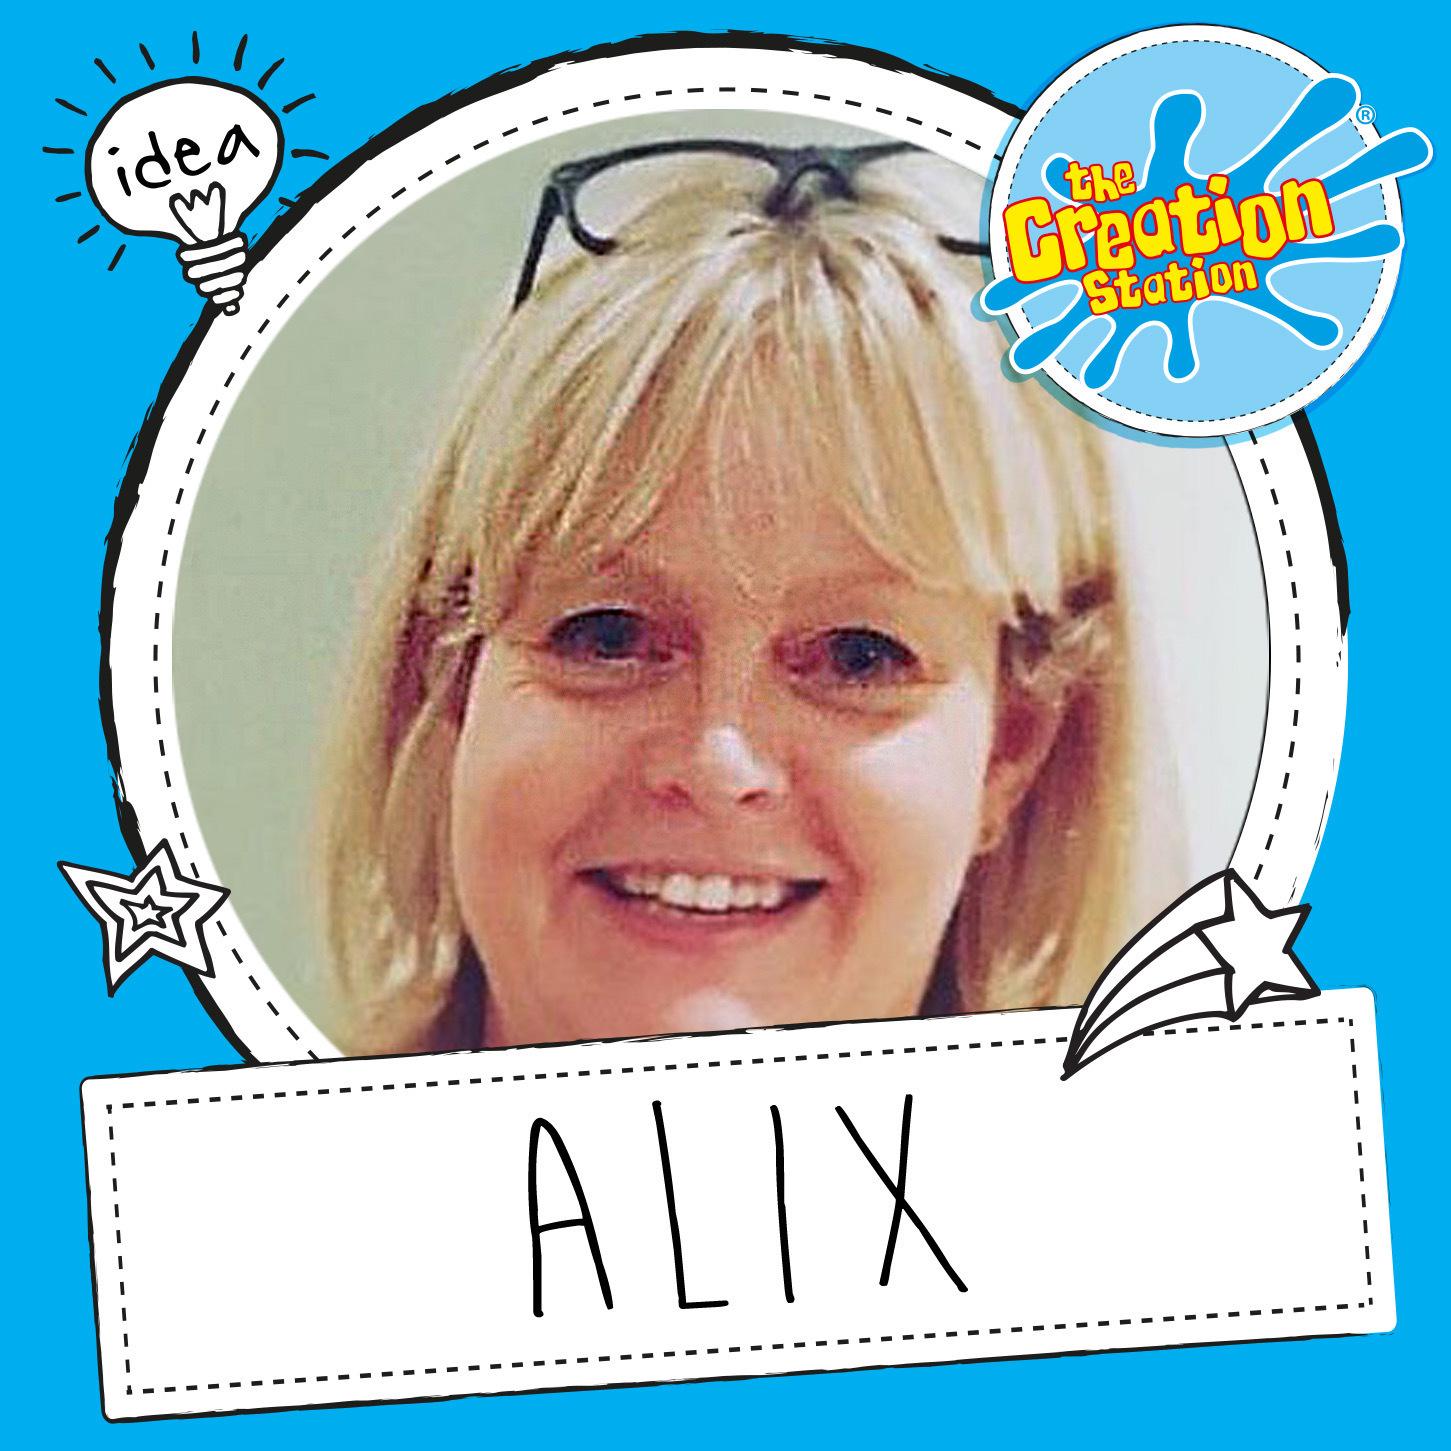 Alix Purton